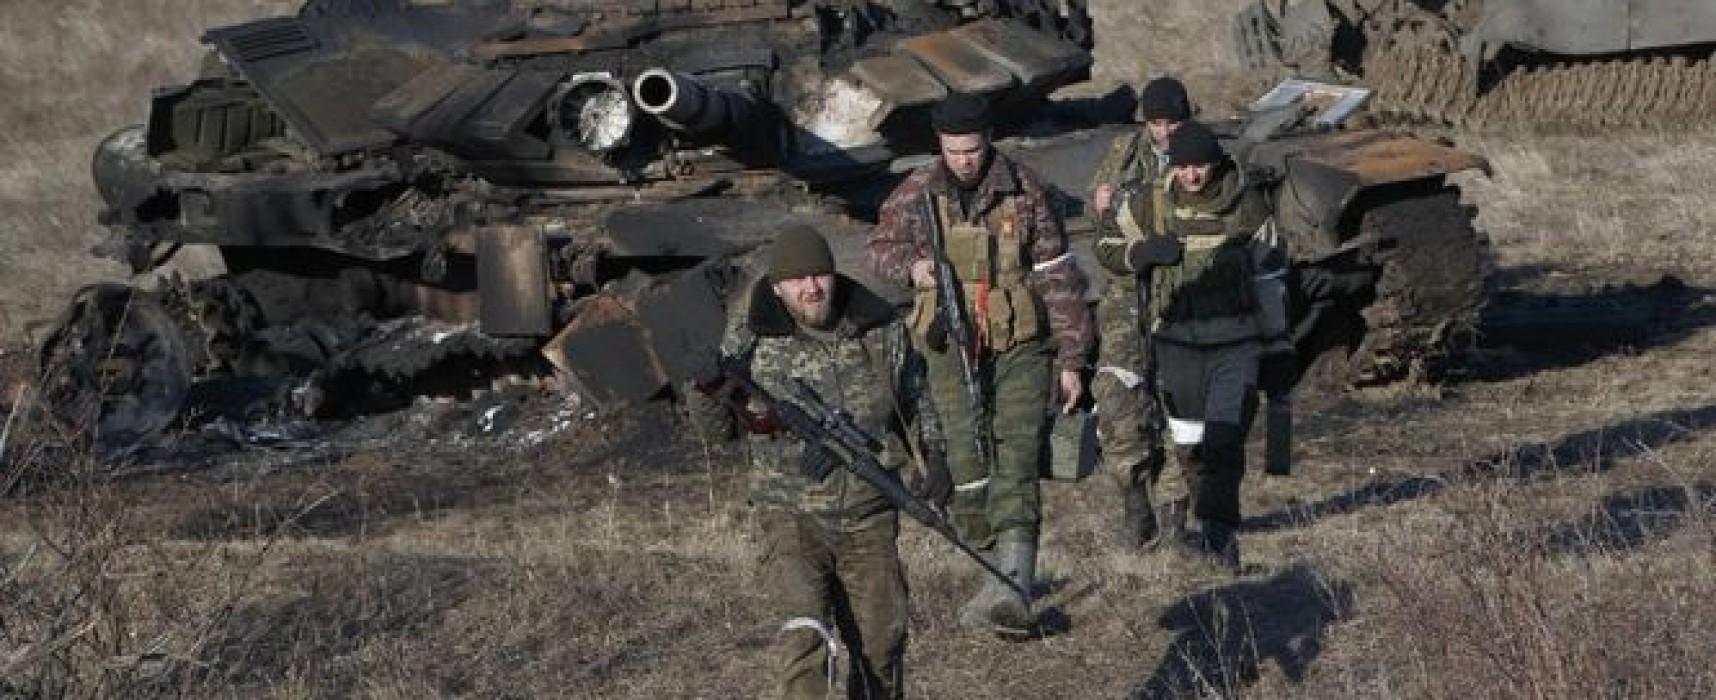 Российское издание удалило скандальный материал о реальных боевых потерях армии РФ в Украине